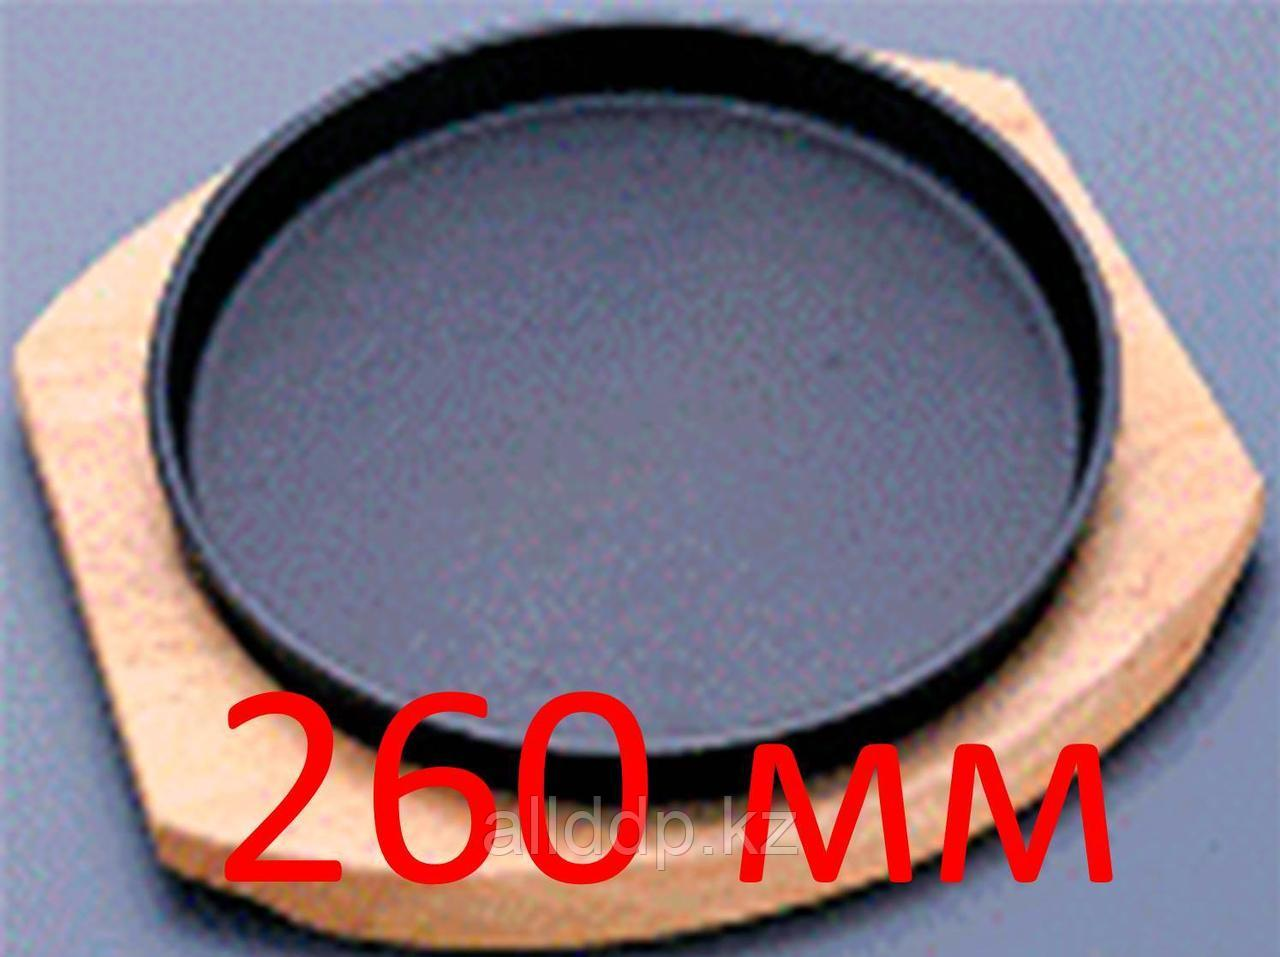 Сковорода-жаровня, круглая, на деревянной подставке, 260 мм